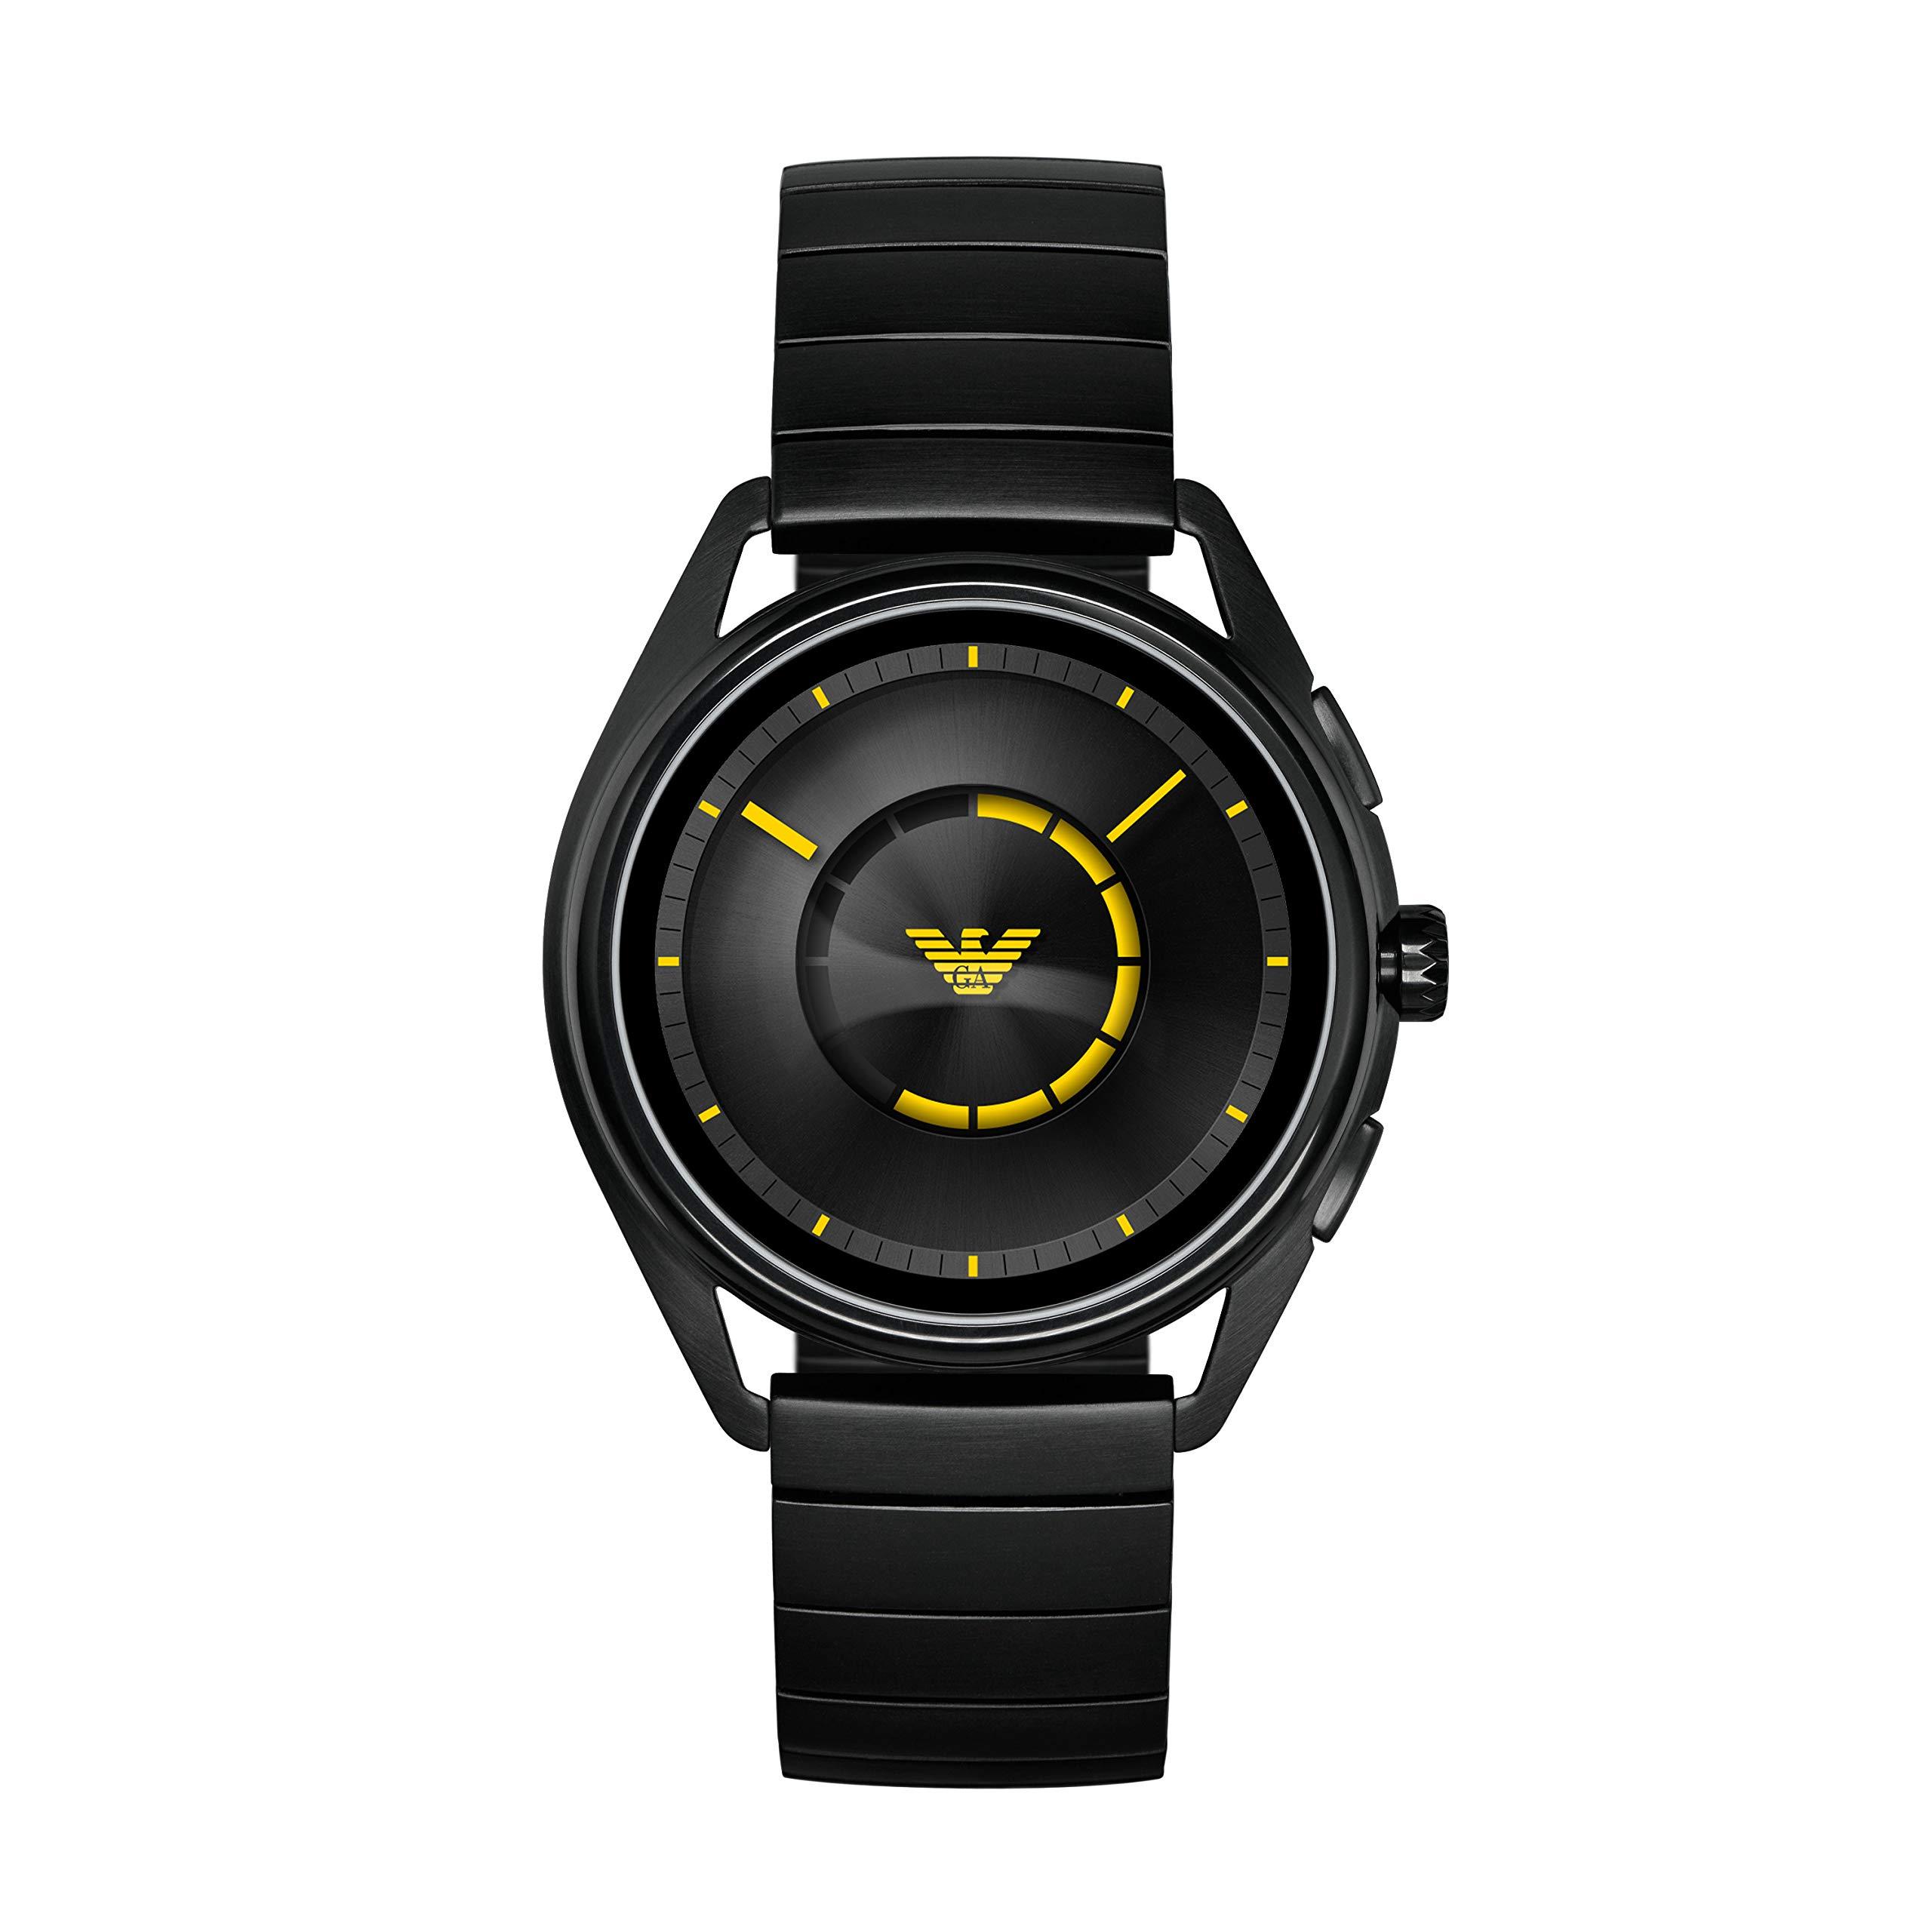 Emporio-Armani-Herren-Smartwatch-mit-Edelstahl-Armband-ART5007